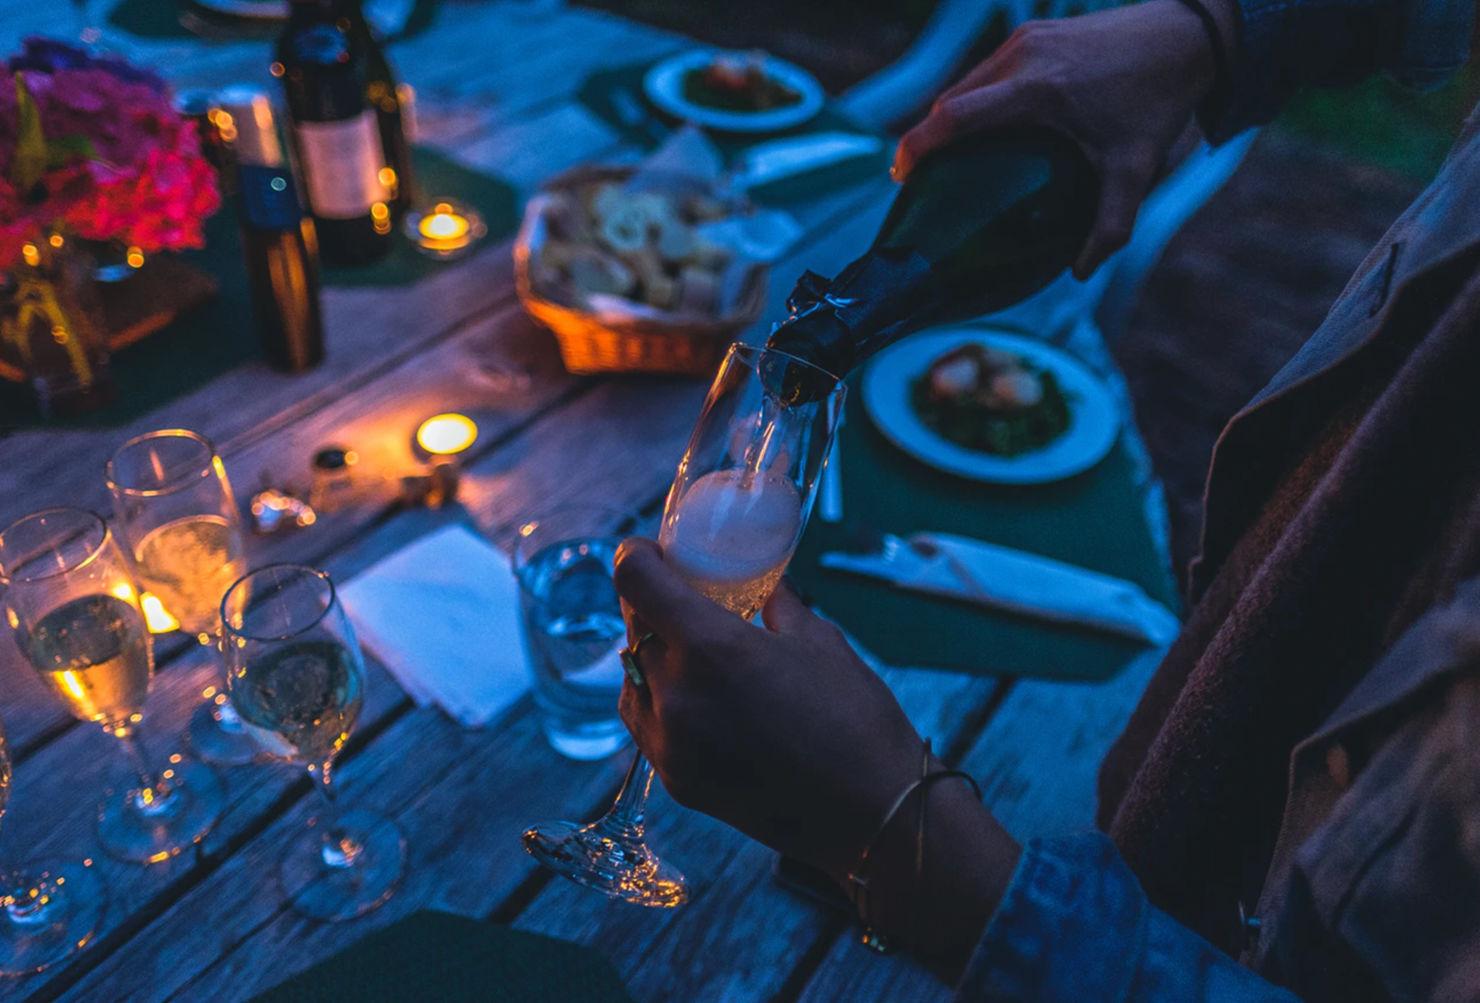 Cómo preparar una fiesta al aire libre en tiempos de coronavirus